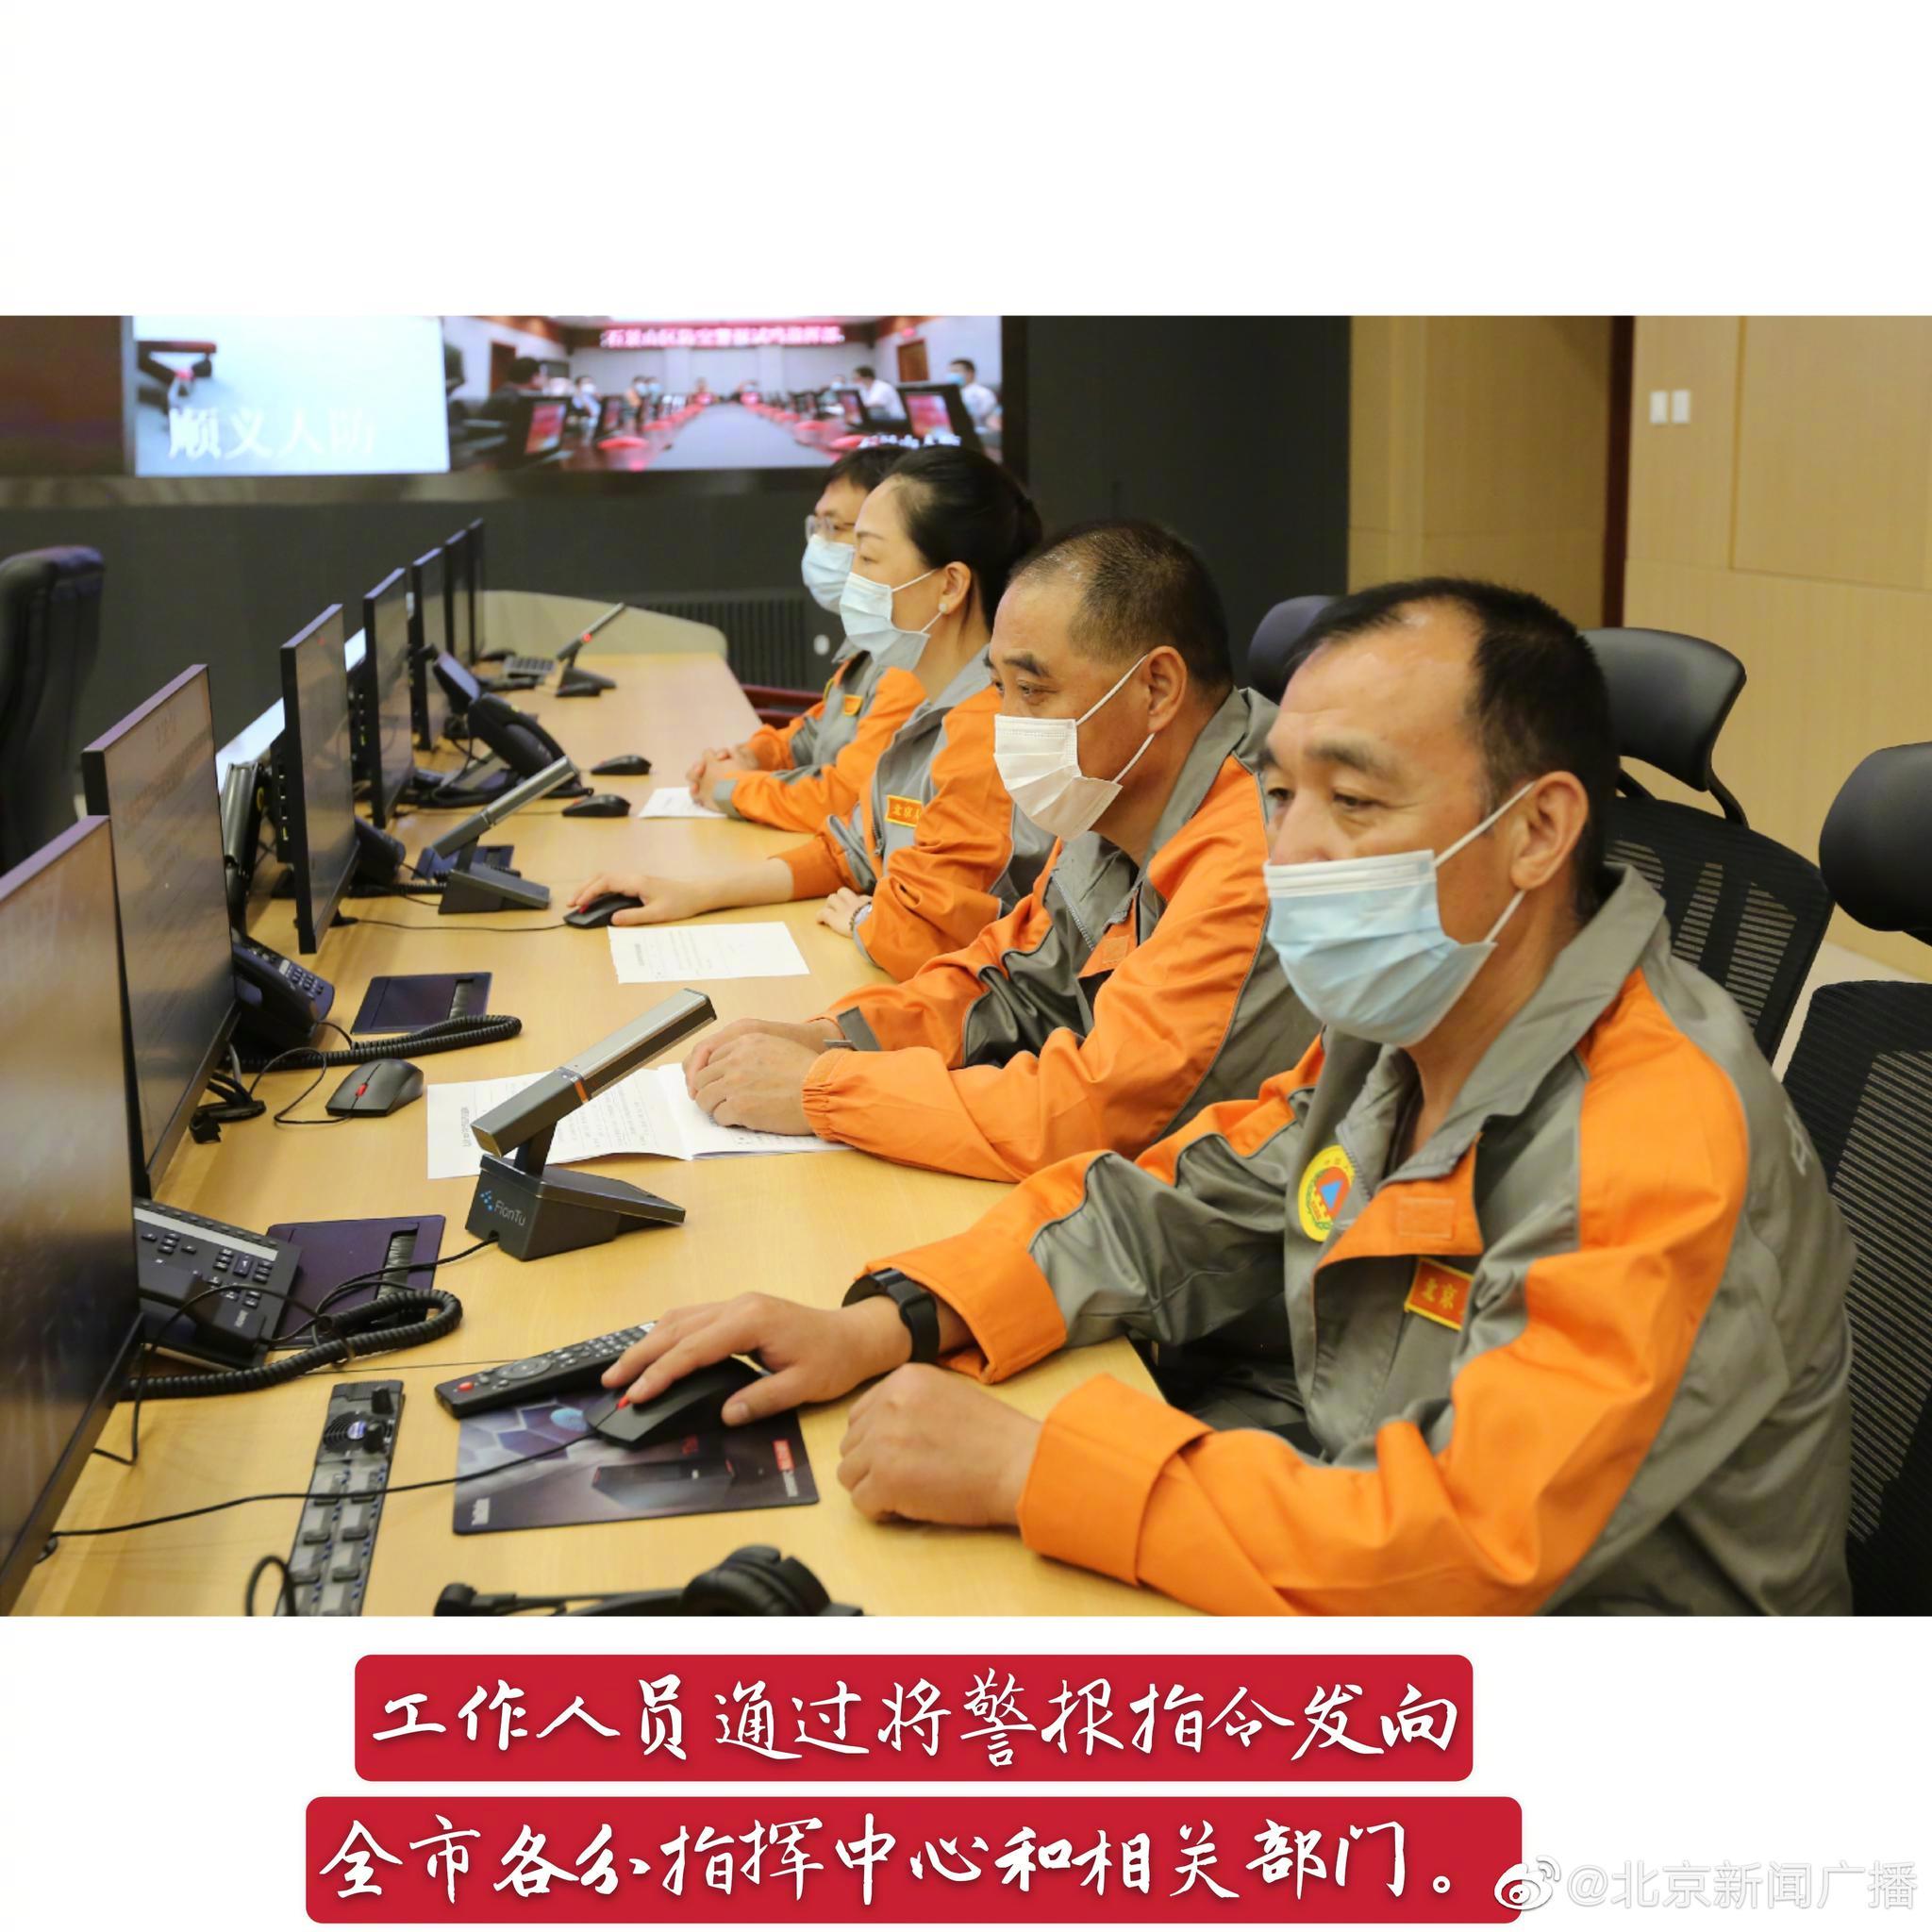 今天(9,21)上午10点钟,北京市在五环路外举行了防空警报试鸣